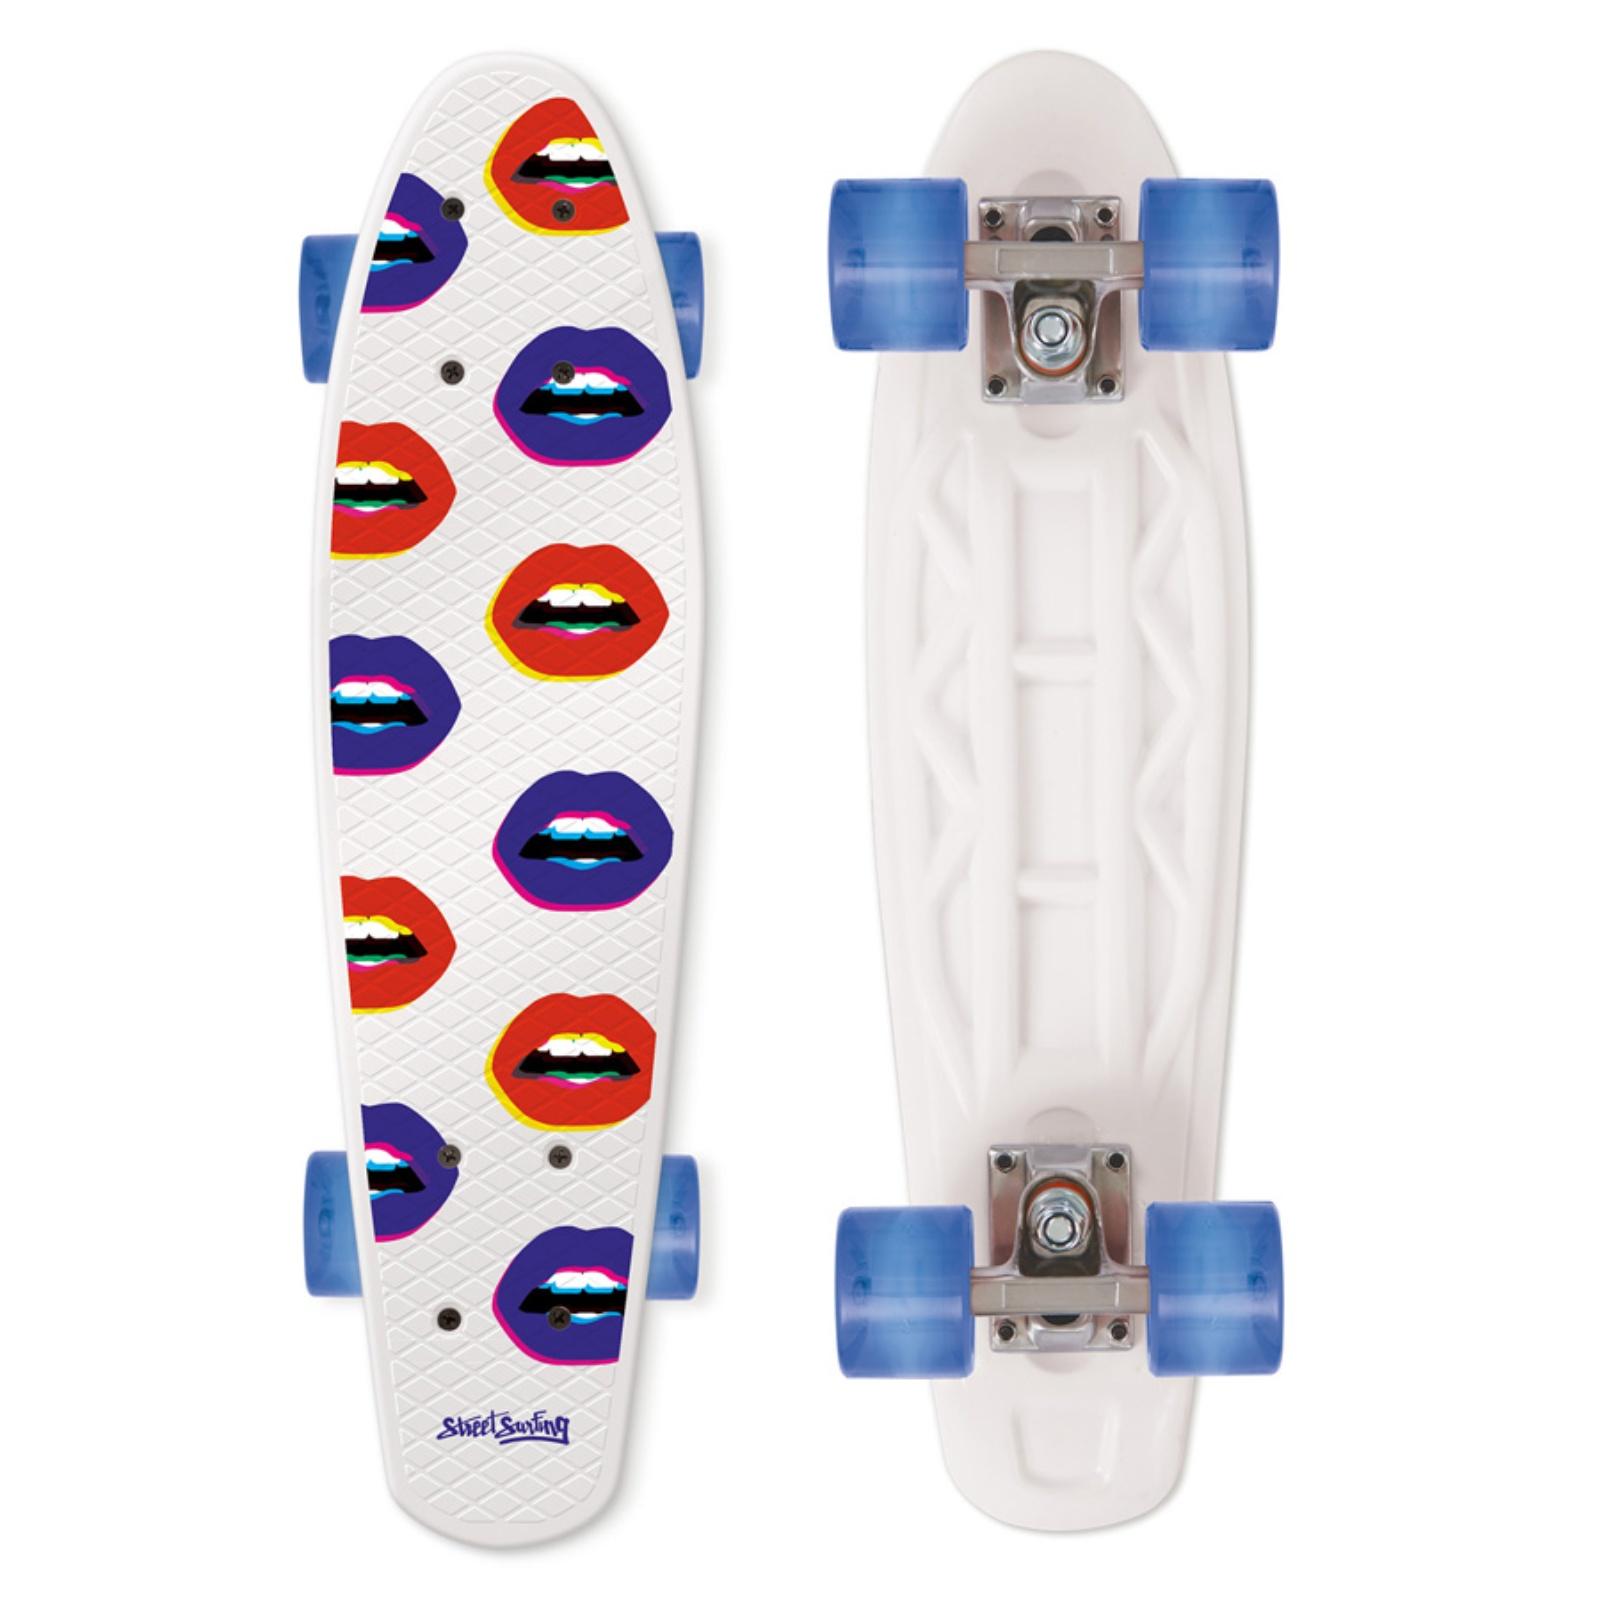 Skateboard STREET SURFING Pop Board Kiss Me